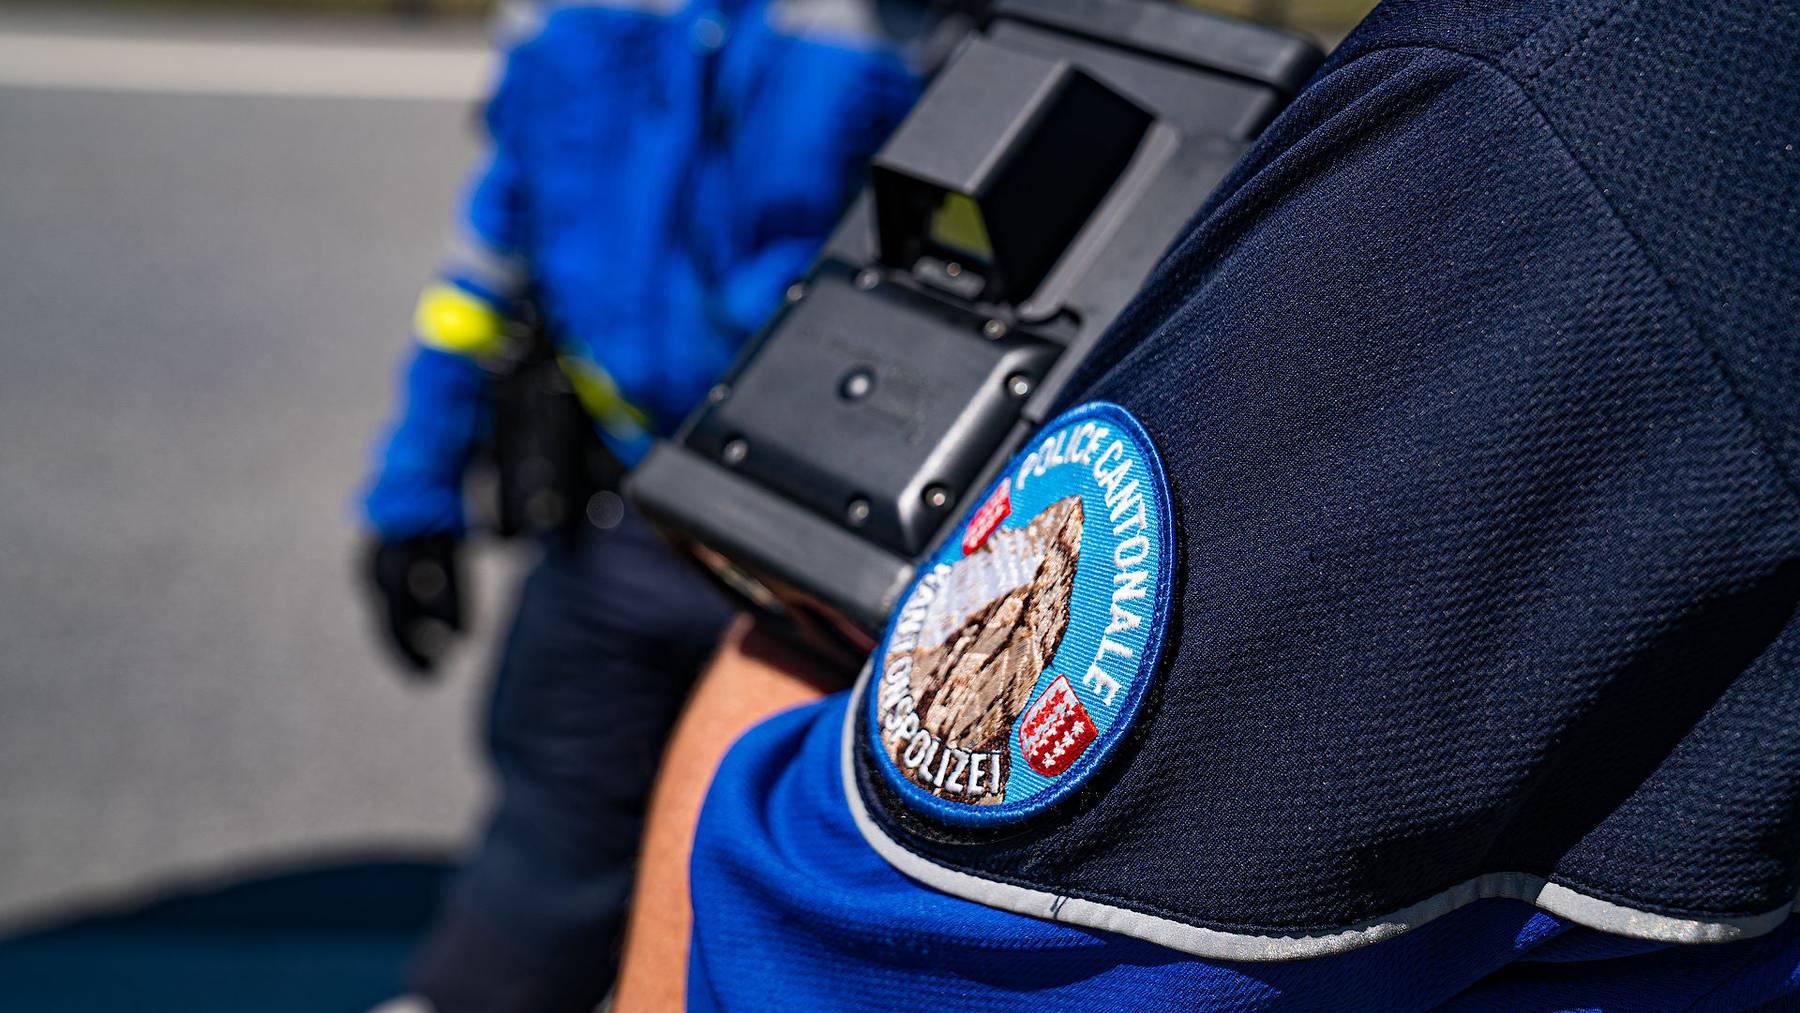 Der Walliser Polizei ging am Sonntag ein Raser ins Netz.